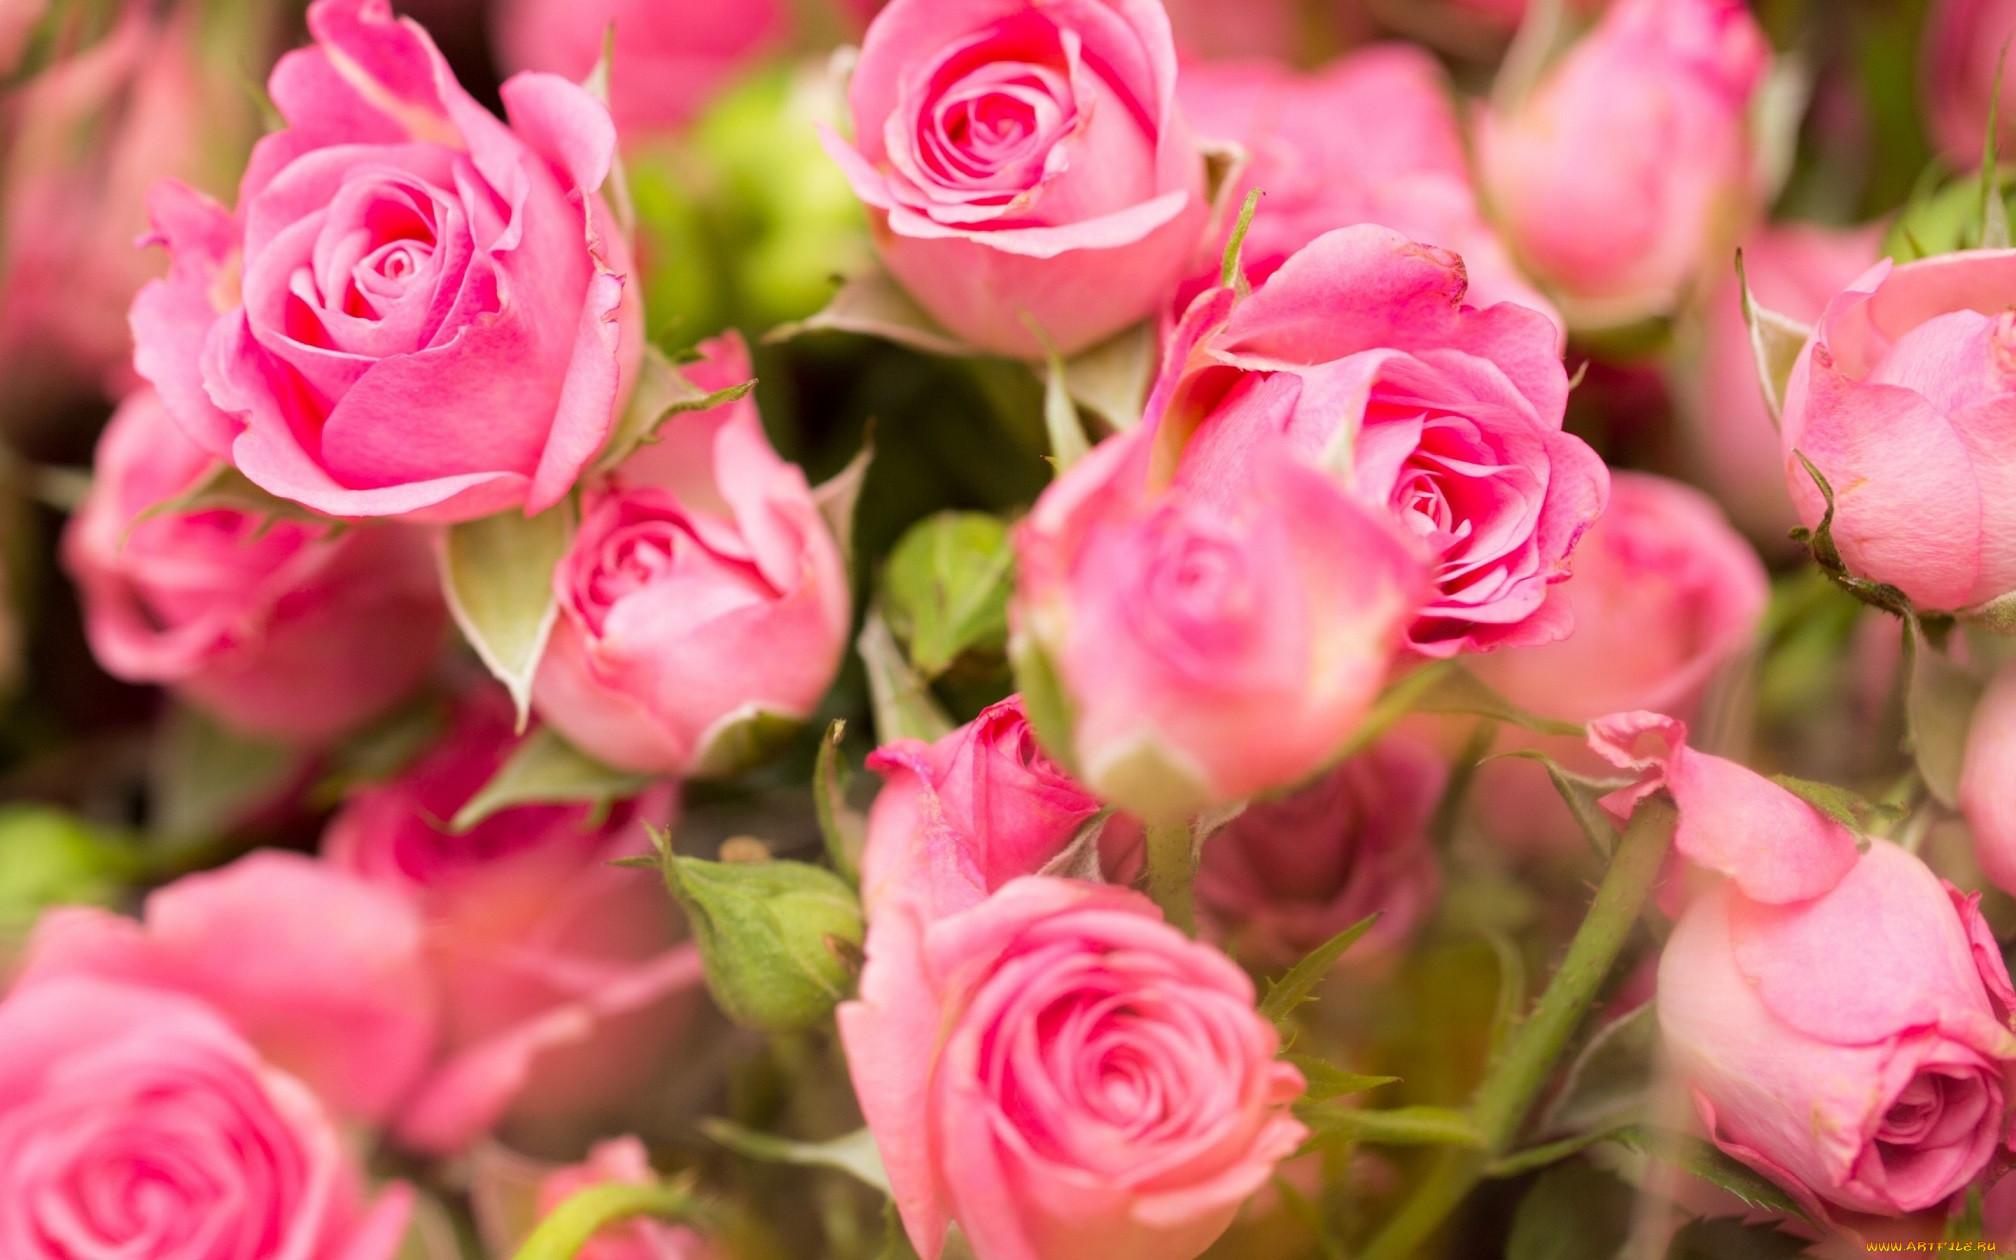 картинки цветов роз на компьютер природные